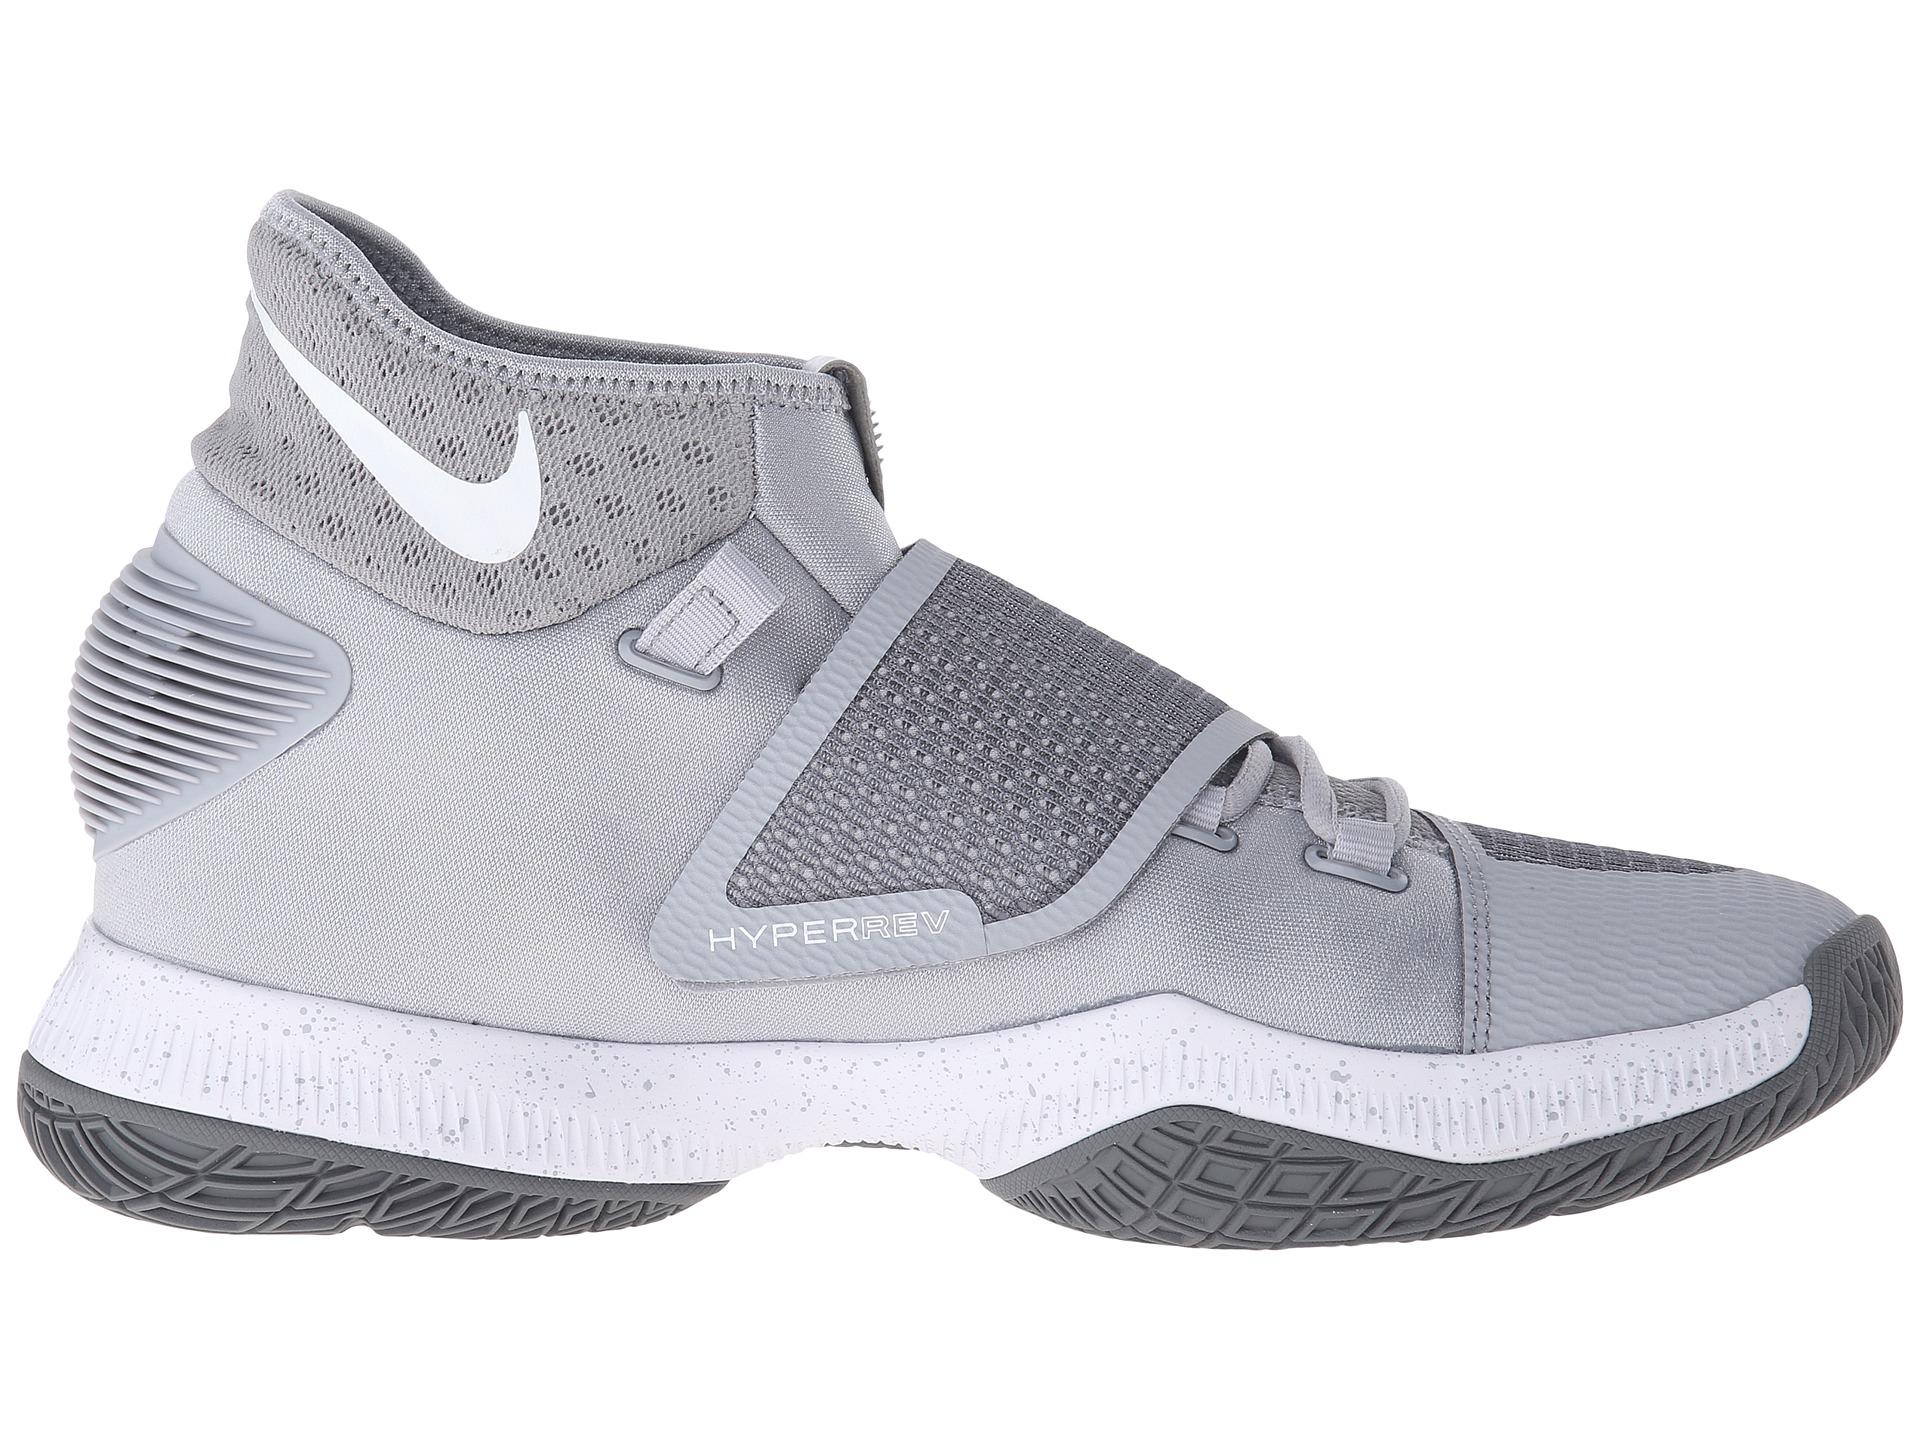 Lyst - Nike Zoom Hyperrev 2016 in Gray for Men